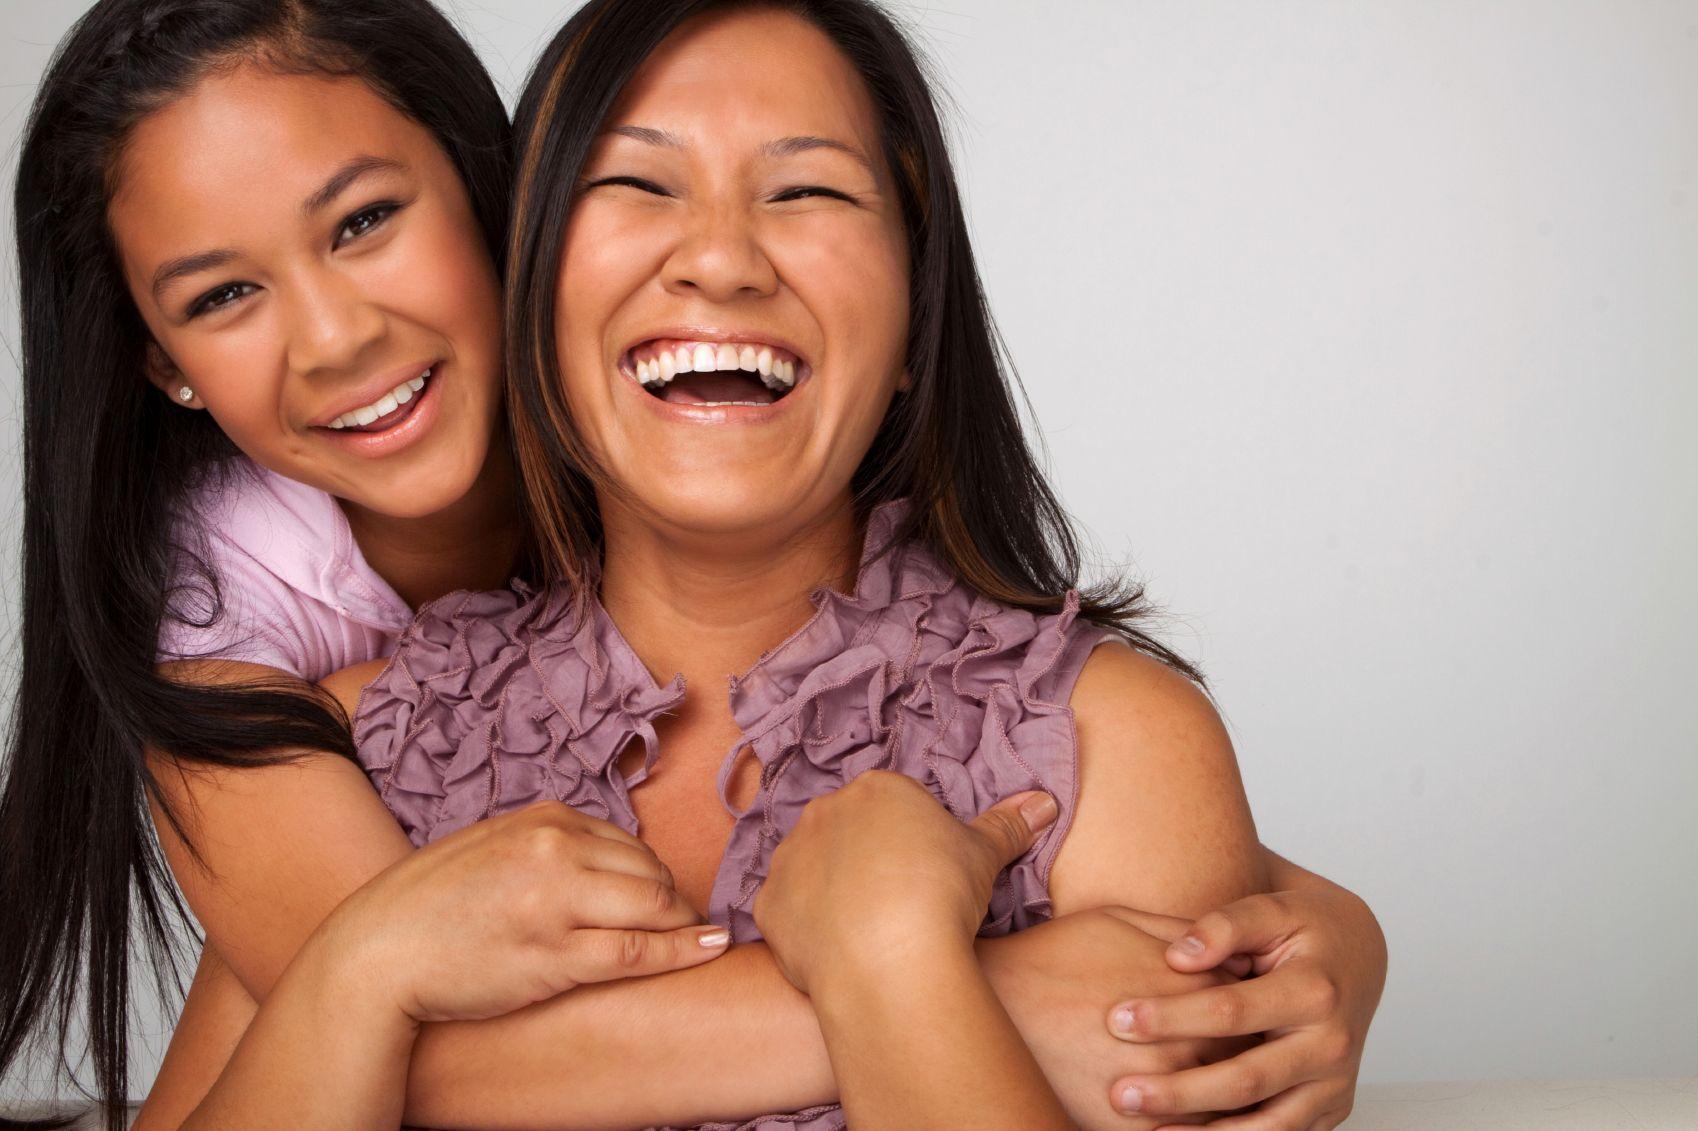 Real Lesbian Mom Daughter